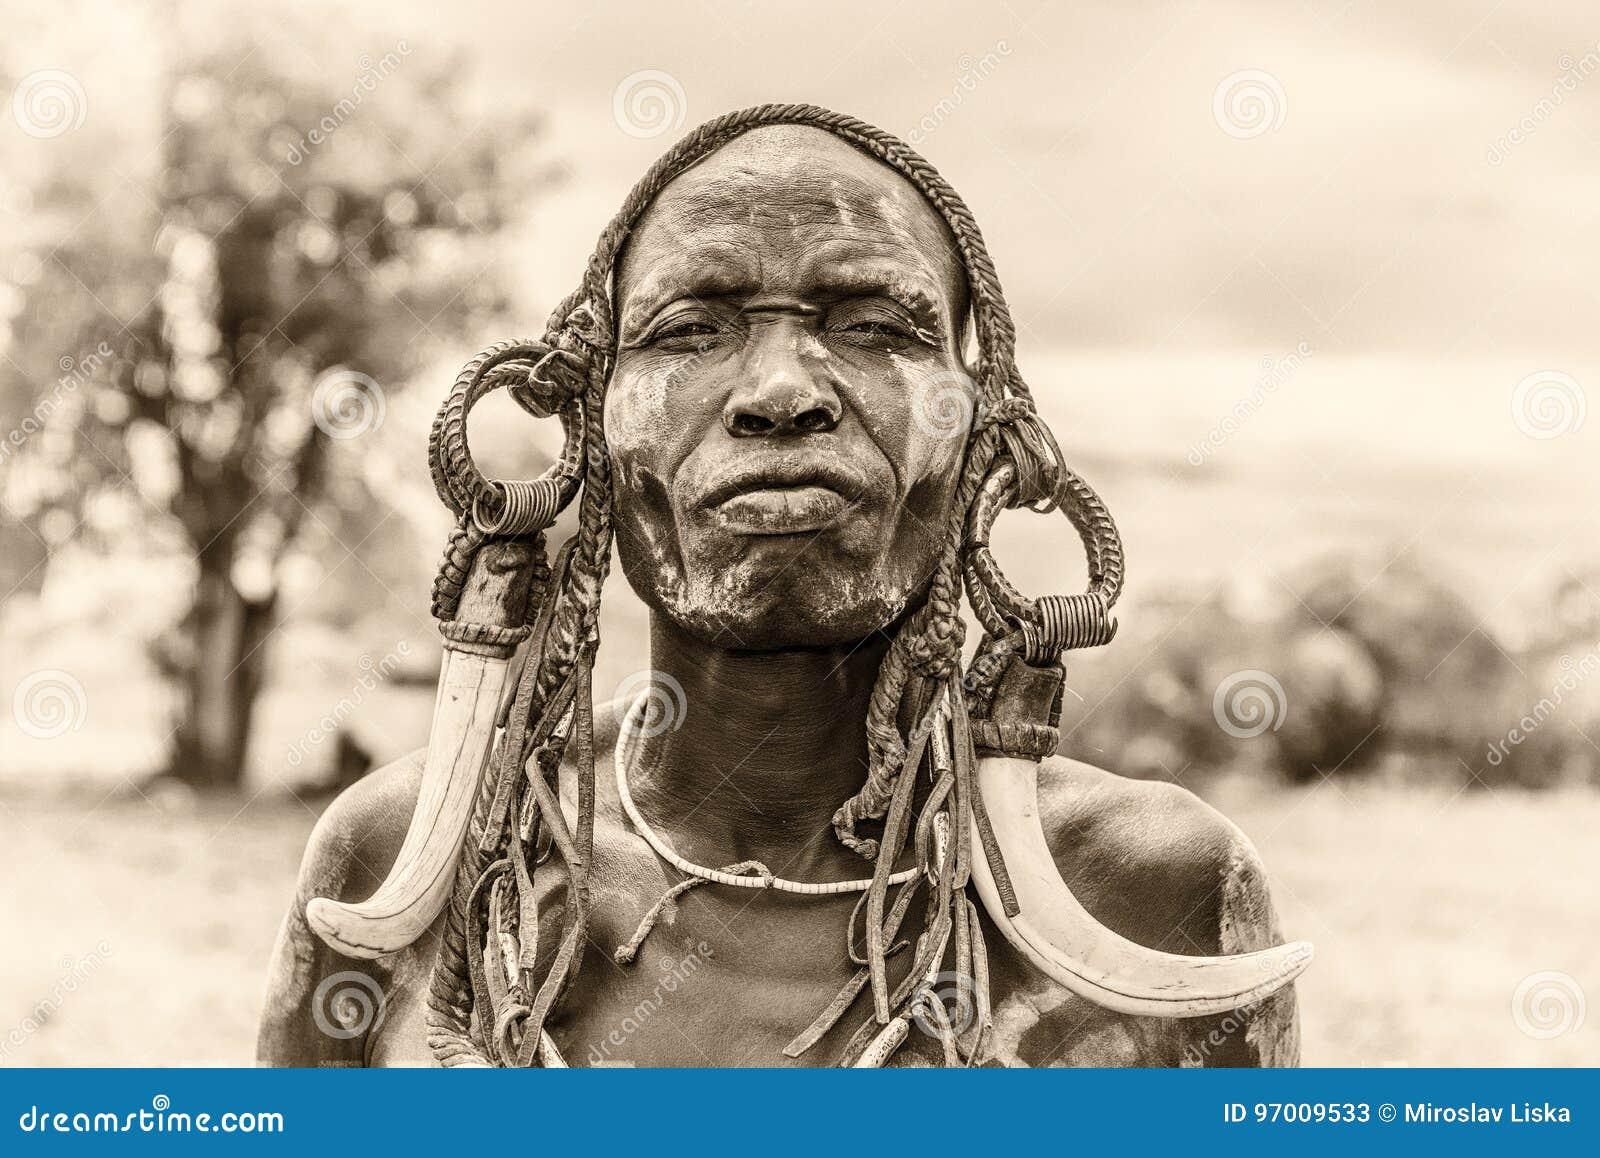 Krigare från den afrikanska stammen Mursi, Etiopien